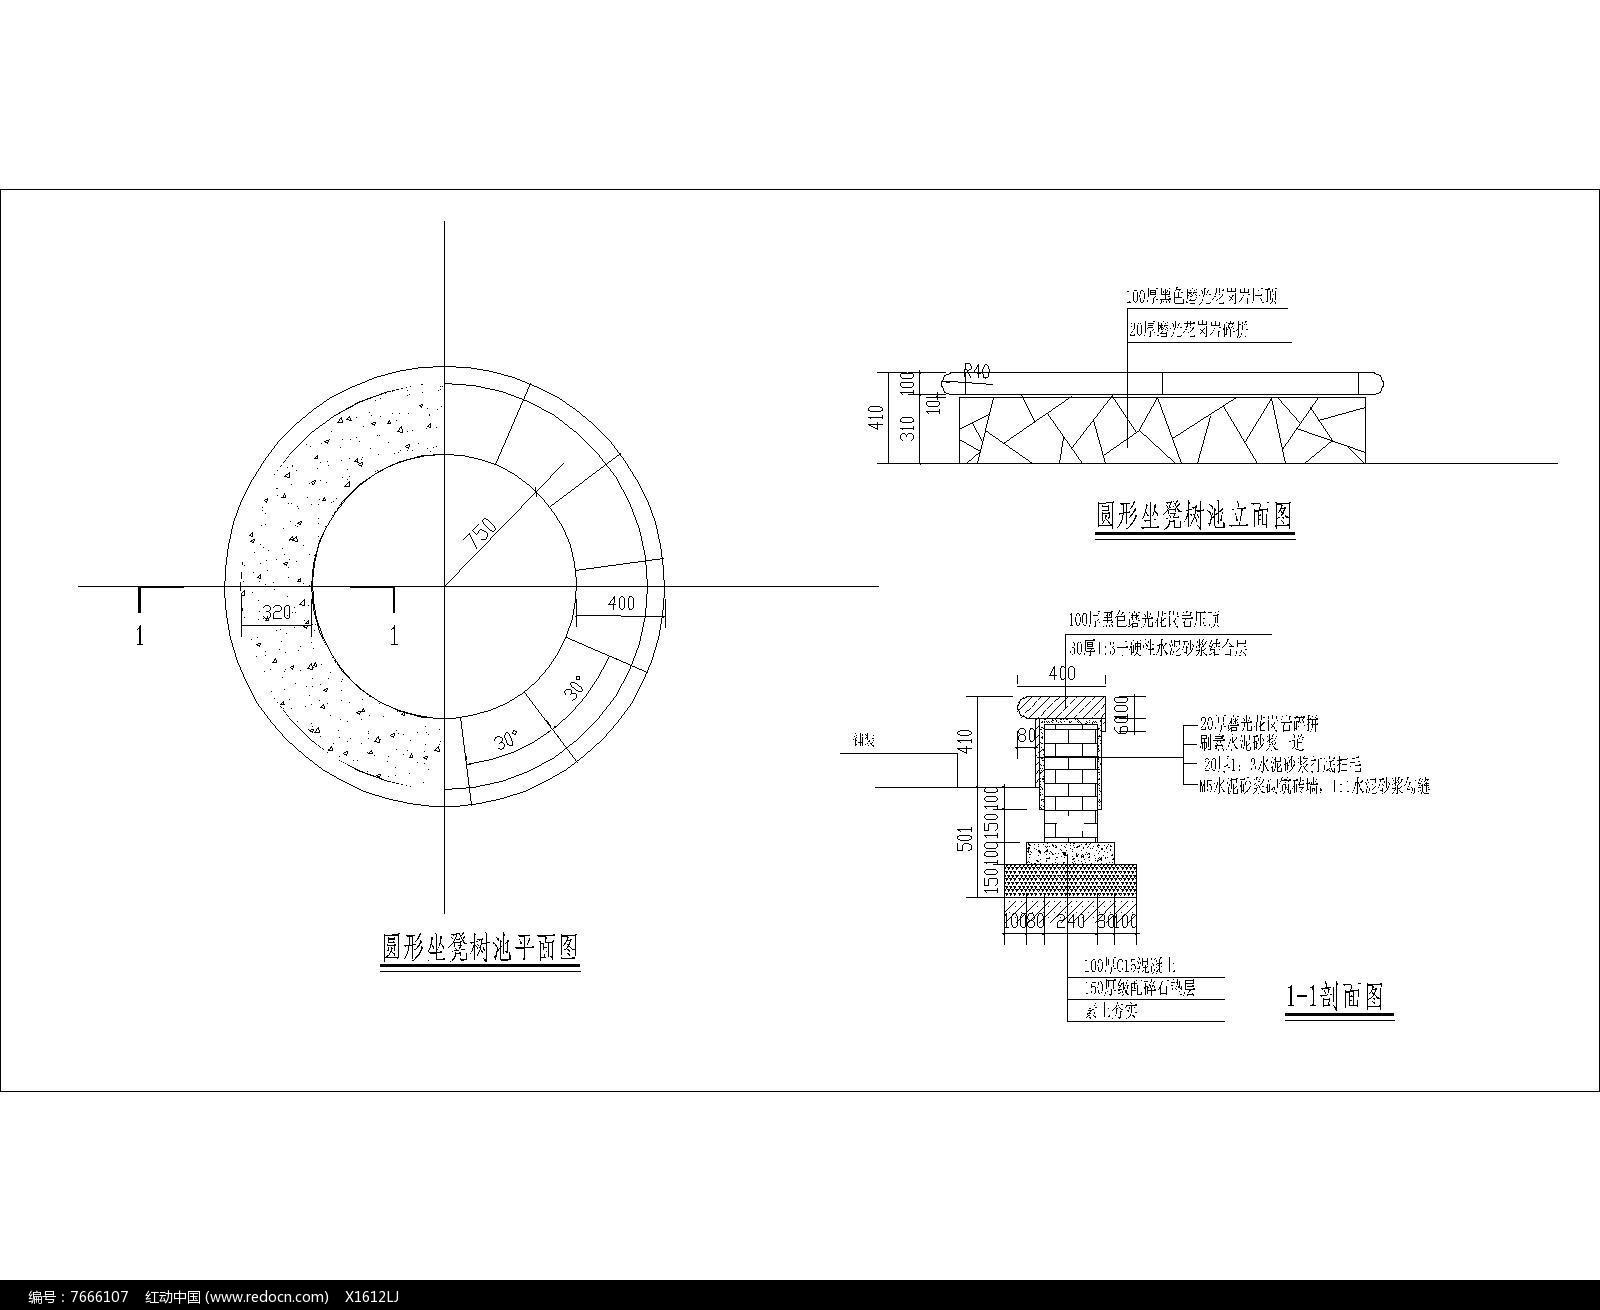 裂纹圆树池CAD素材下载(编号7666107)花纹cad素材图片